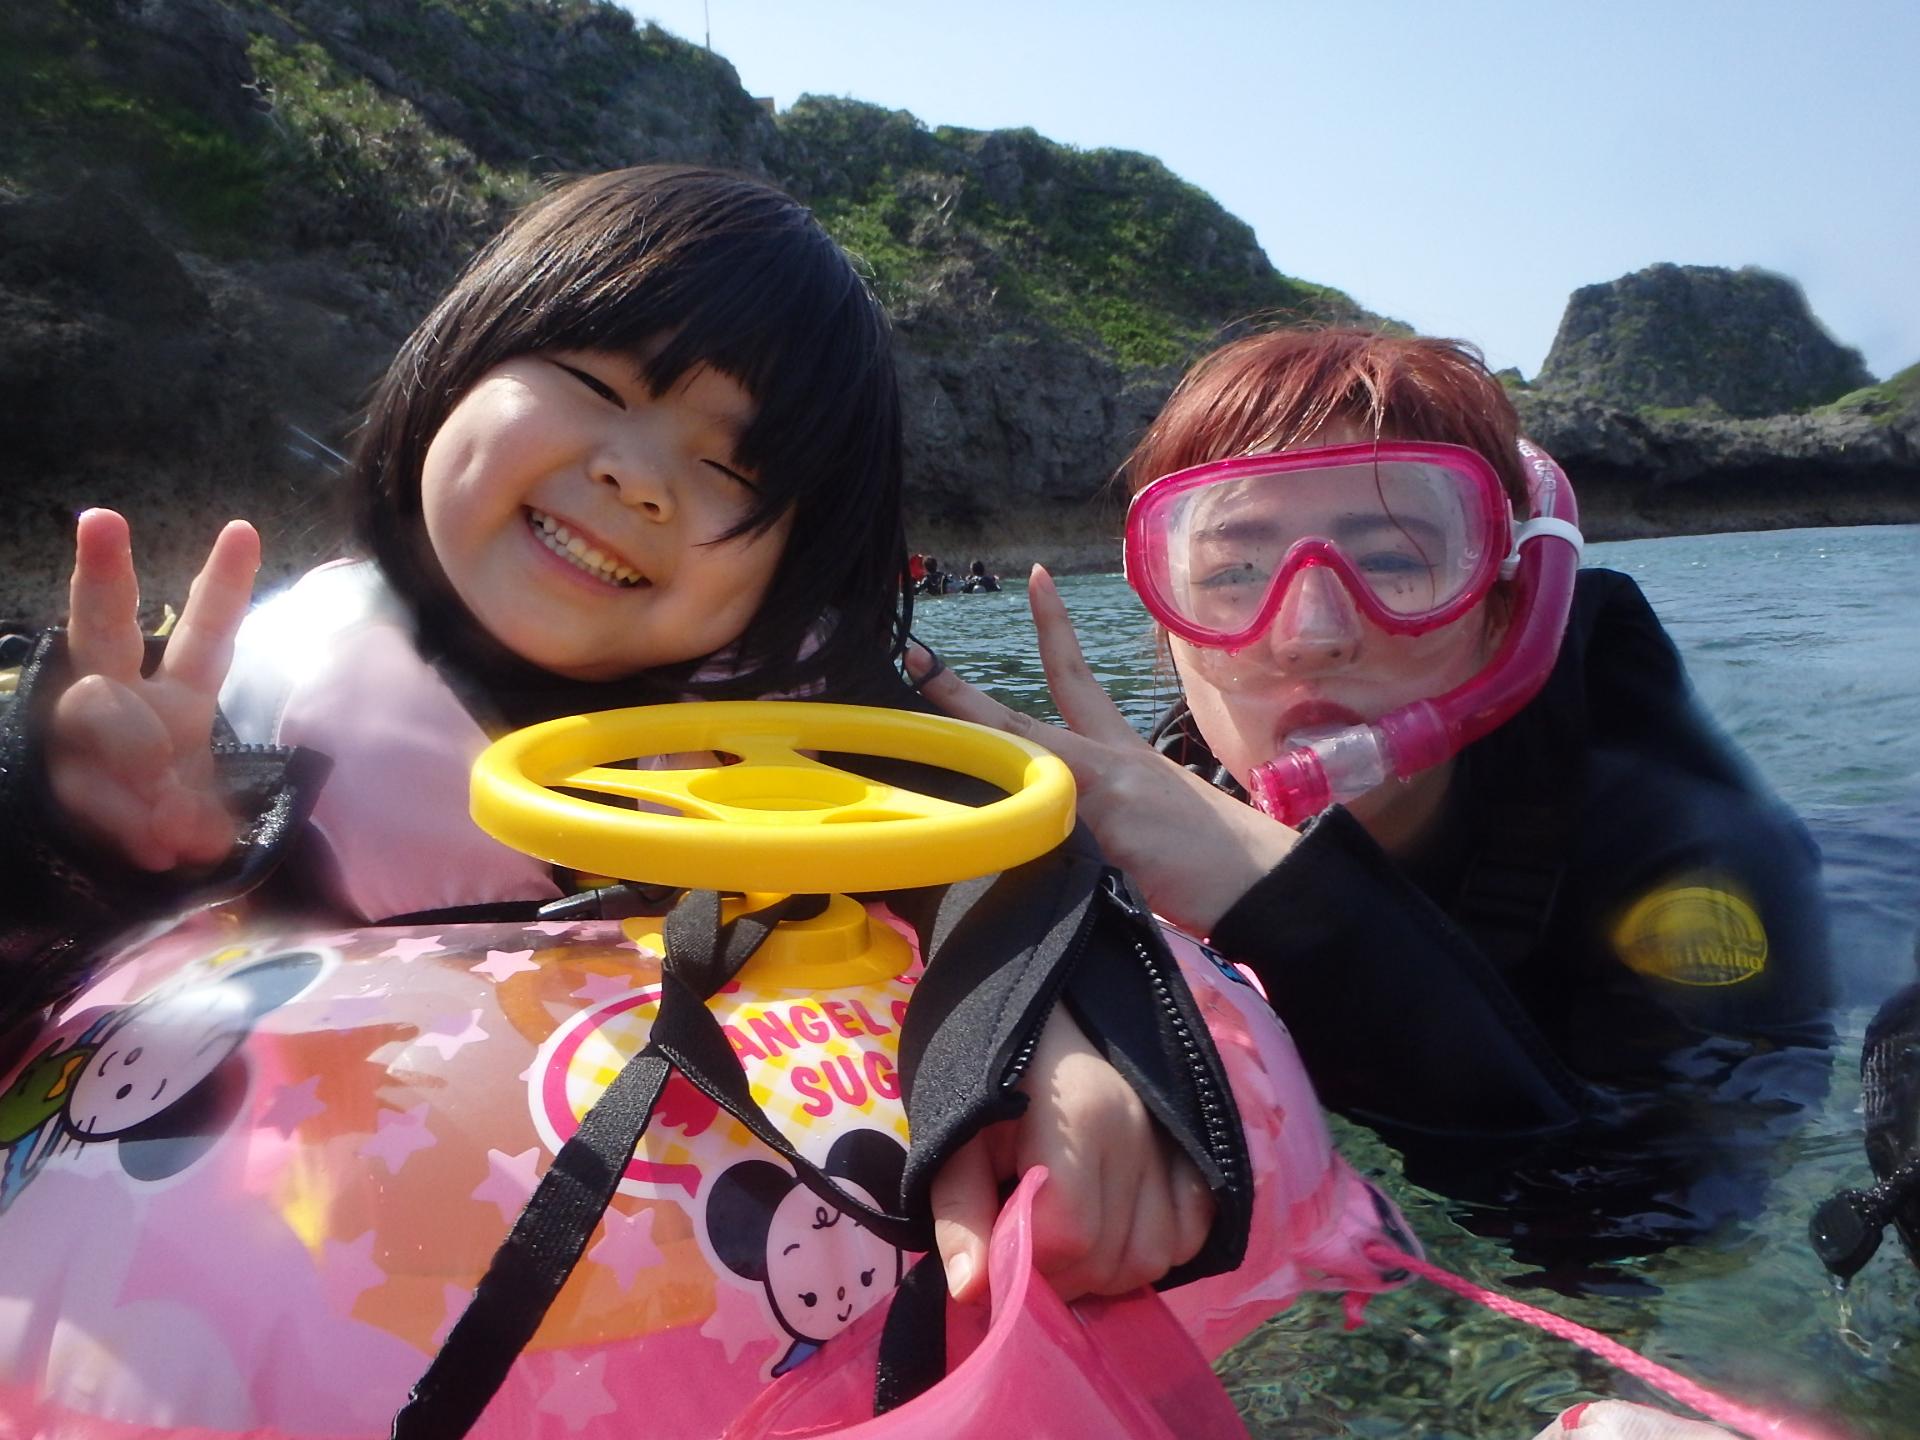 沖縄の青の洞窟でシュノーケリングツアーに参加する子ども